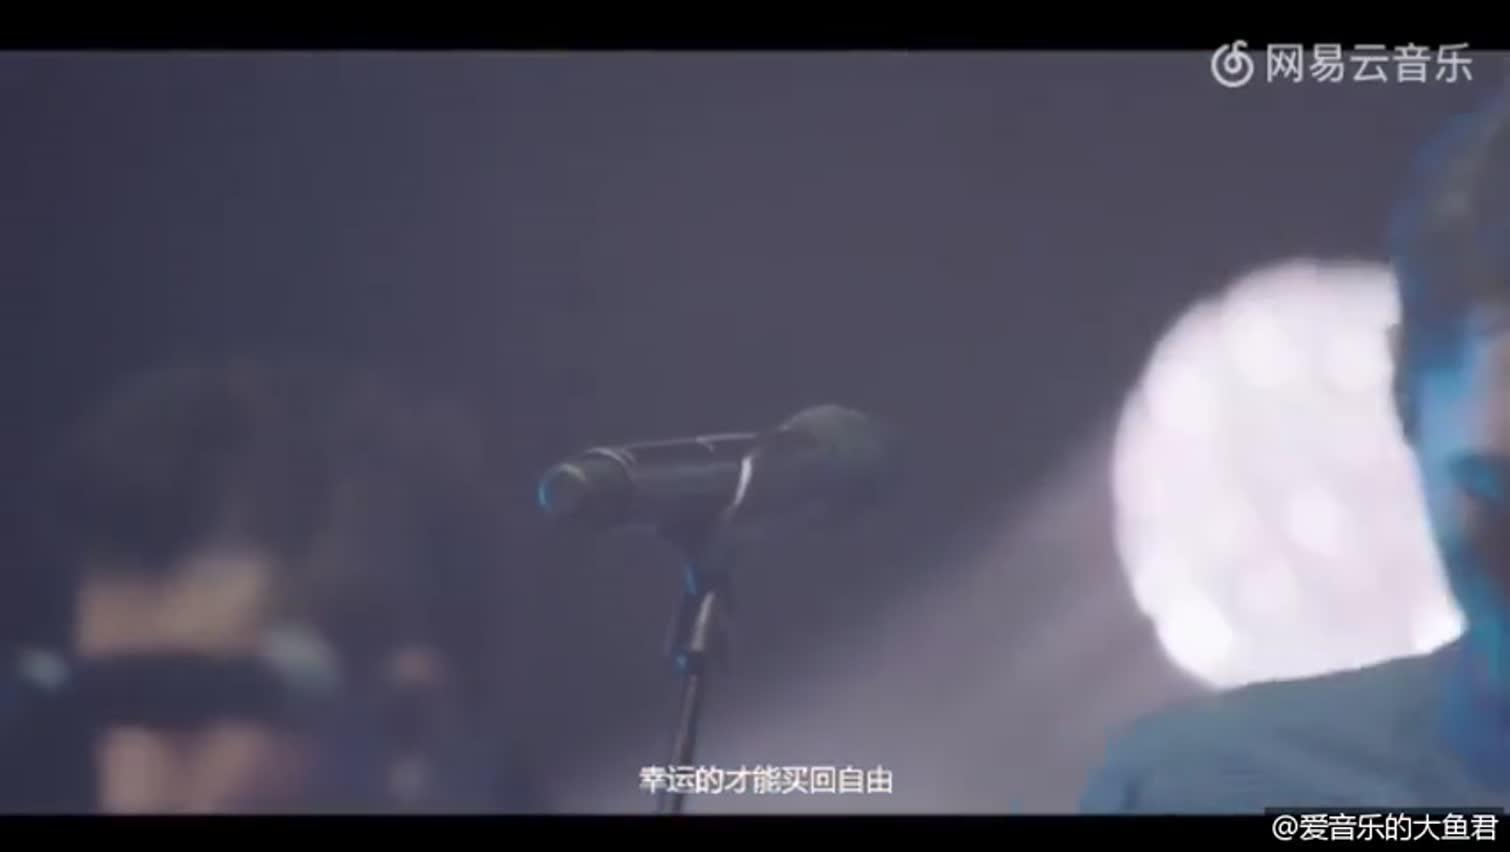 2017工体演唱会live版《时代之梦》,毛川的声音简直太好听!